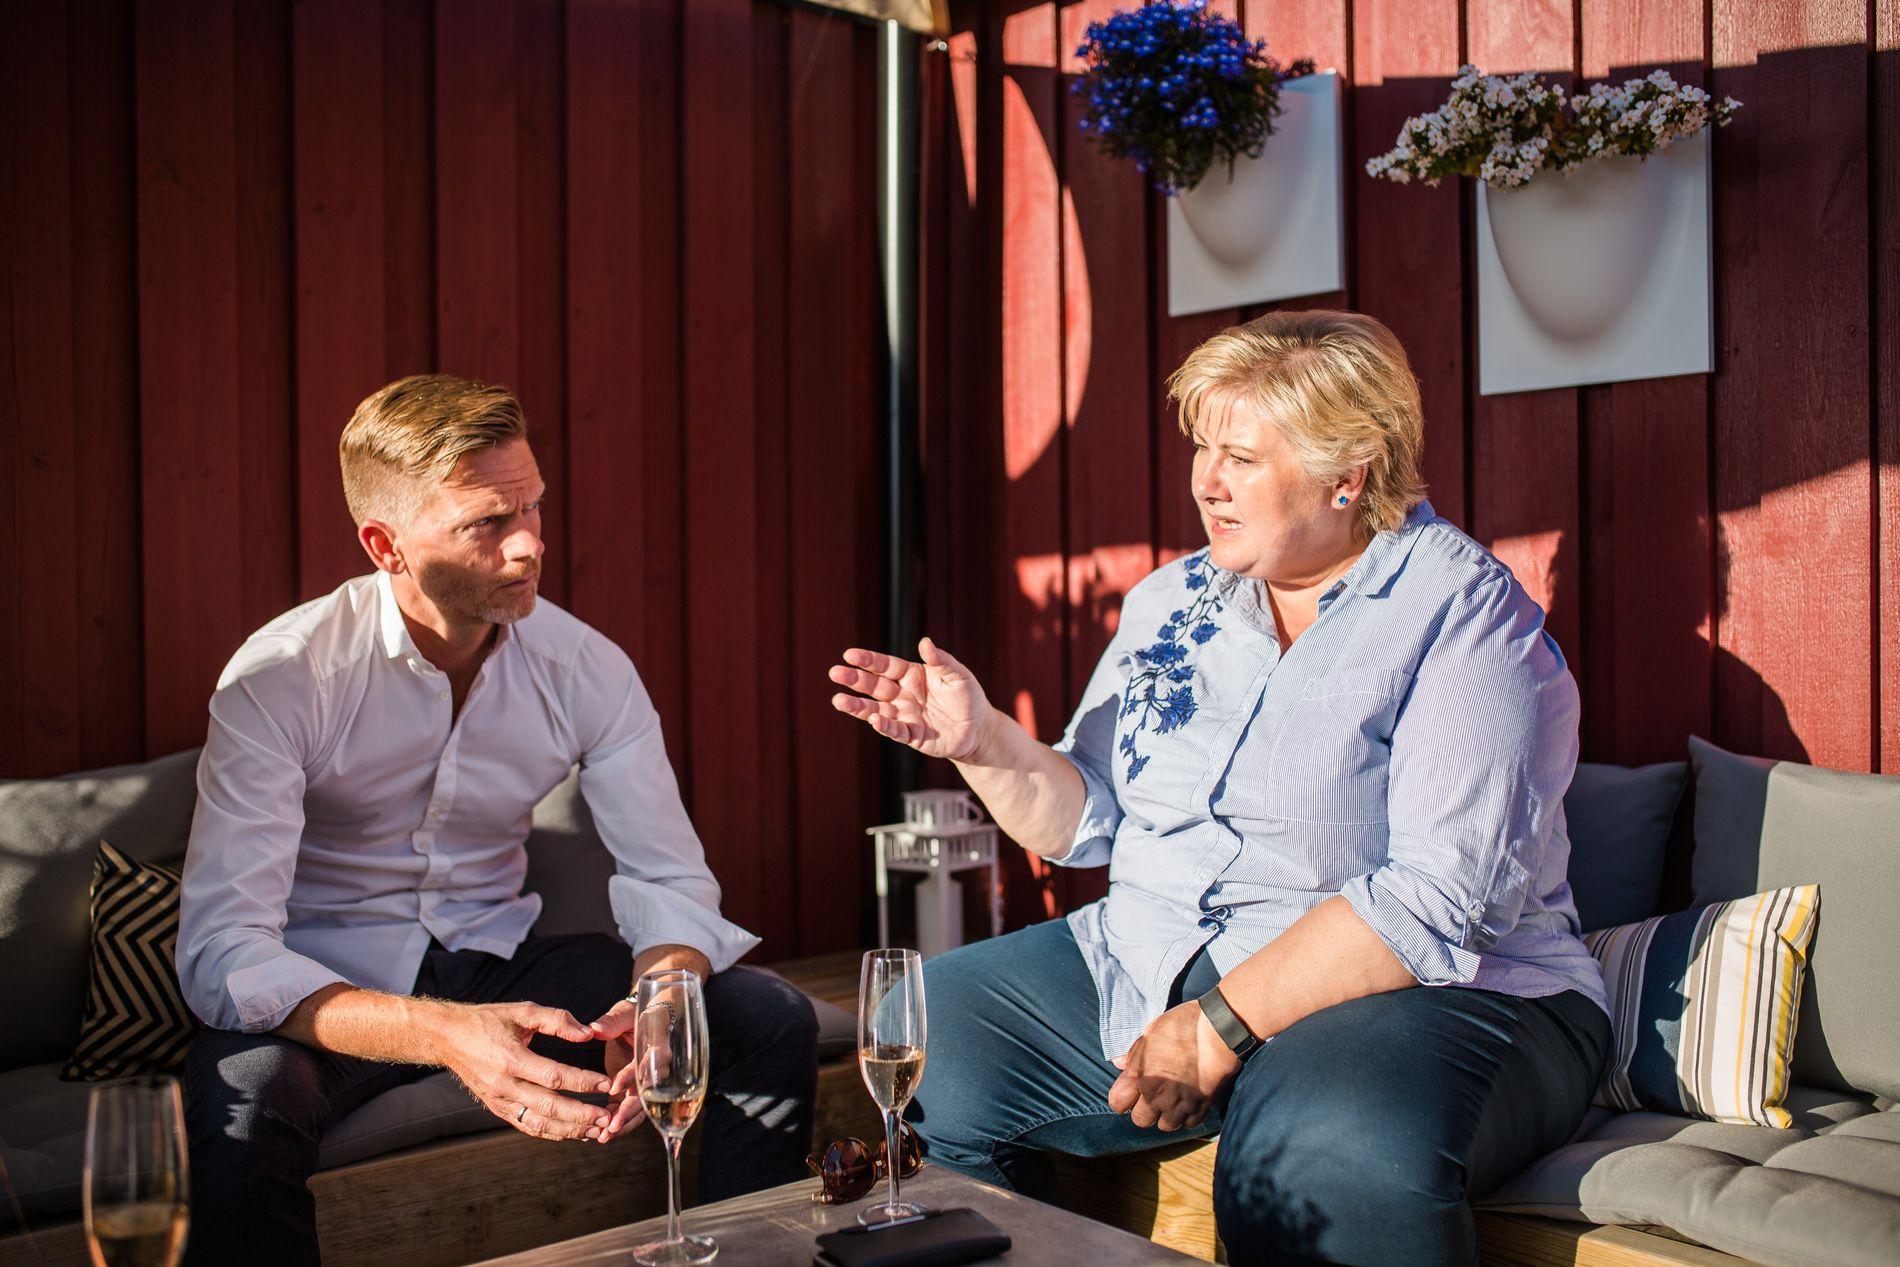 BRUSER I BLODET: Statsminister Erna Solberg (H) og Høyre-ordfører i Moss, Tage Pettersen, lar seg provosere av det de mener er dobbeltkommunikasjon fra Arbeiderpartiet i helikopterstriden mellom Rygge og Bardufoss.